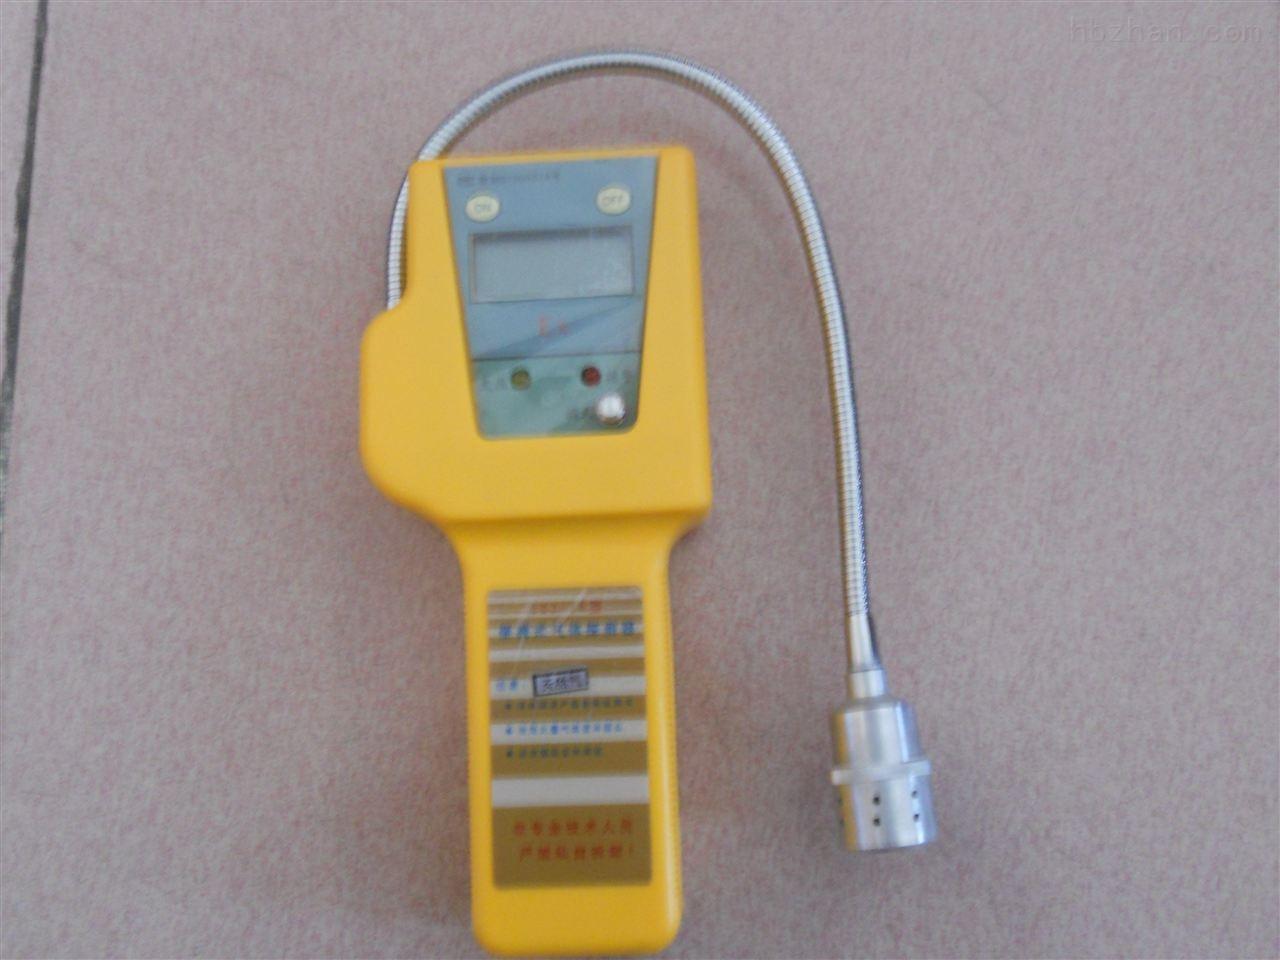 sqj-ia sqj-ia可燃气气体泄漏报警检测仪